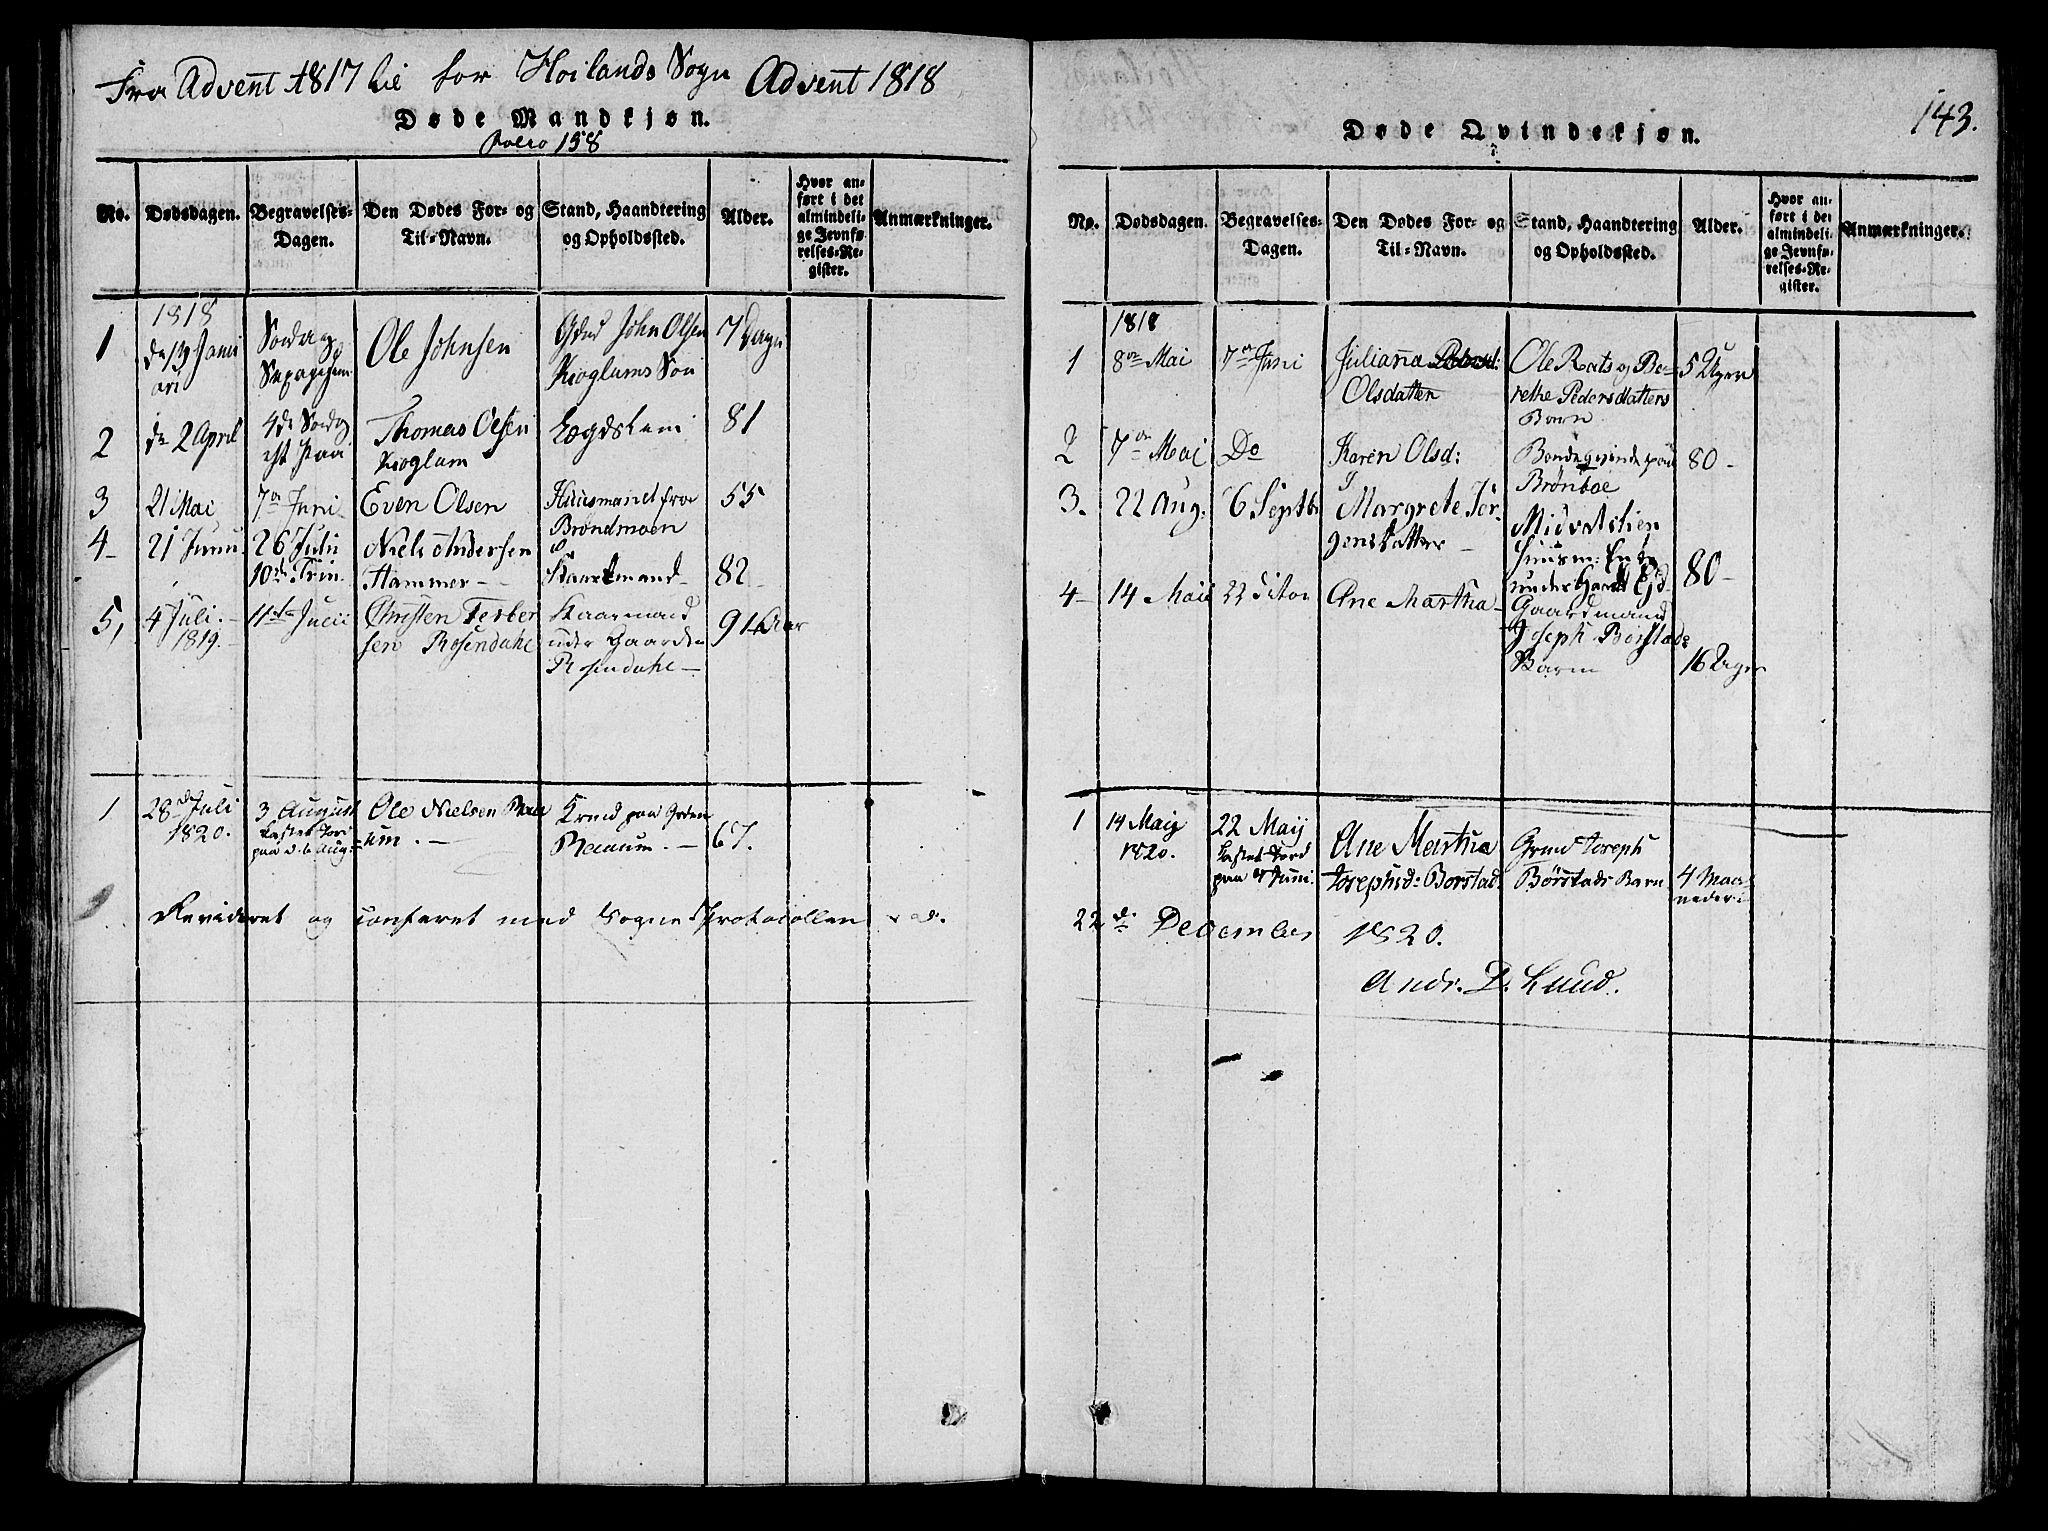 SAT, Ministerialprotokoller, klokkerbøker og fødselsregistre - Nord-Trøndelag, 764/L0546: Ministerialbok nr. 764A06 /3, 1817-1821, s. 143